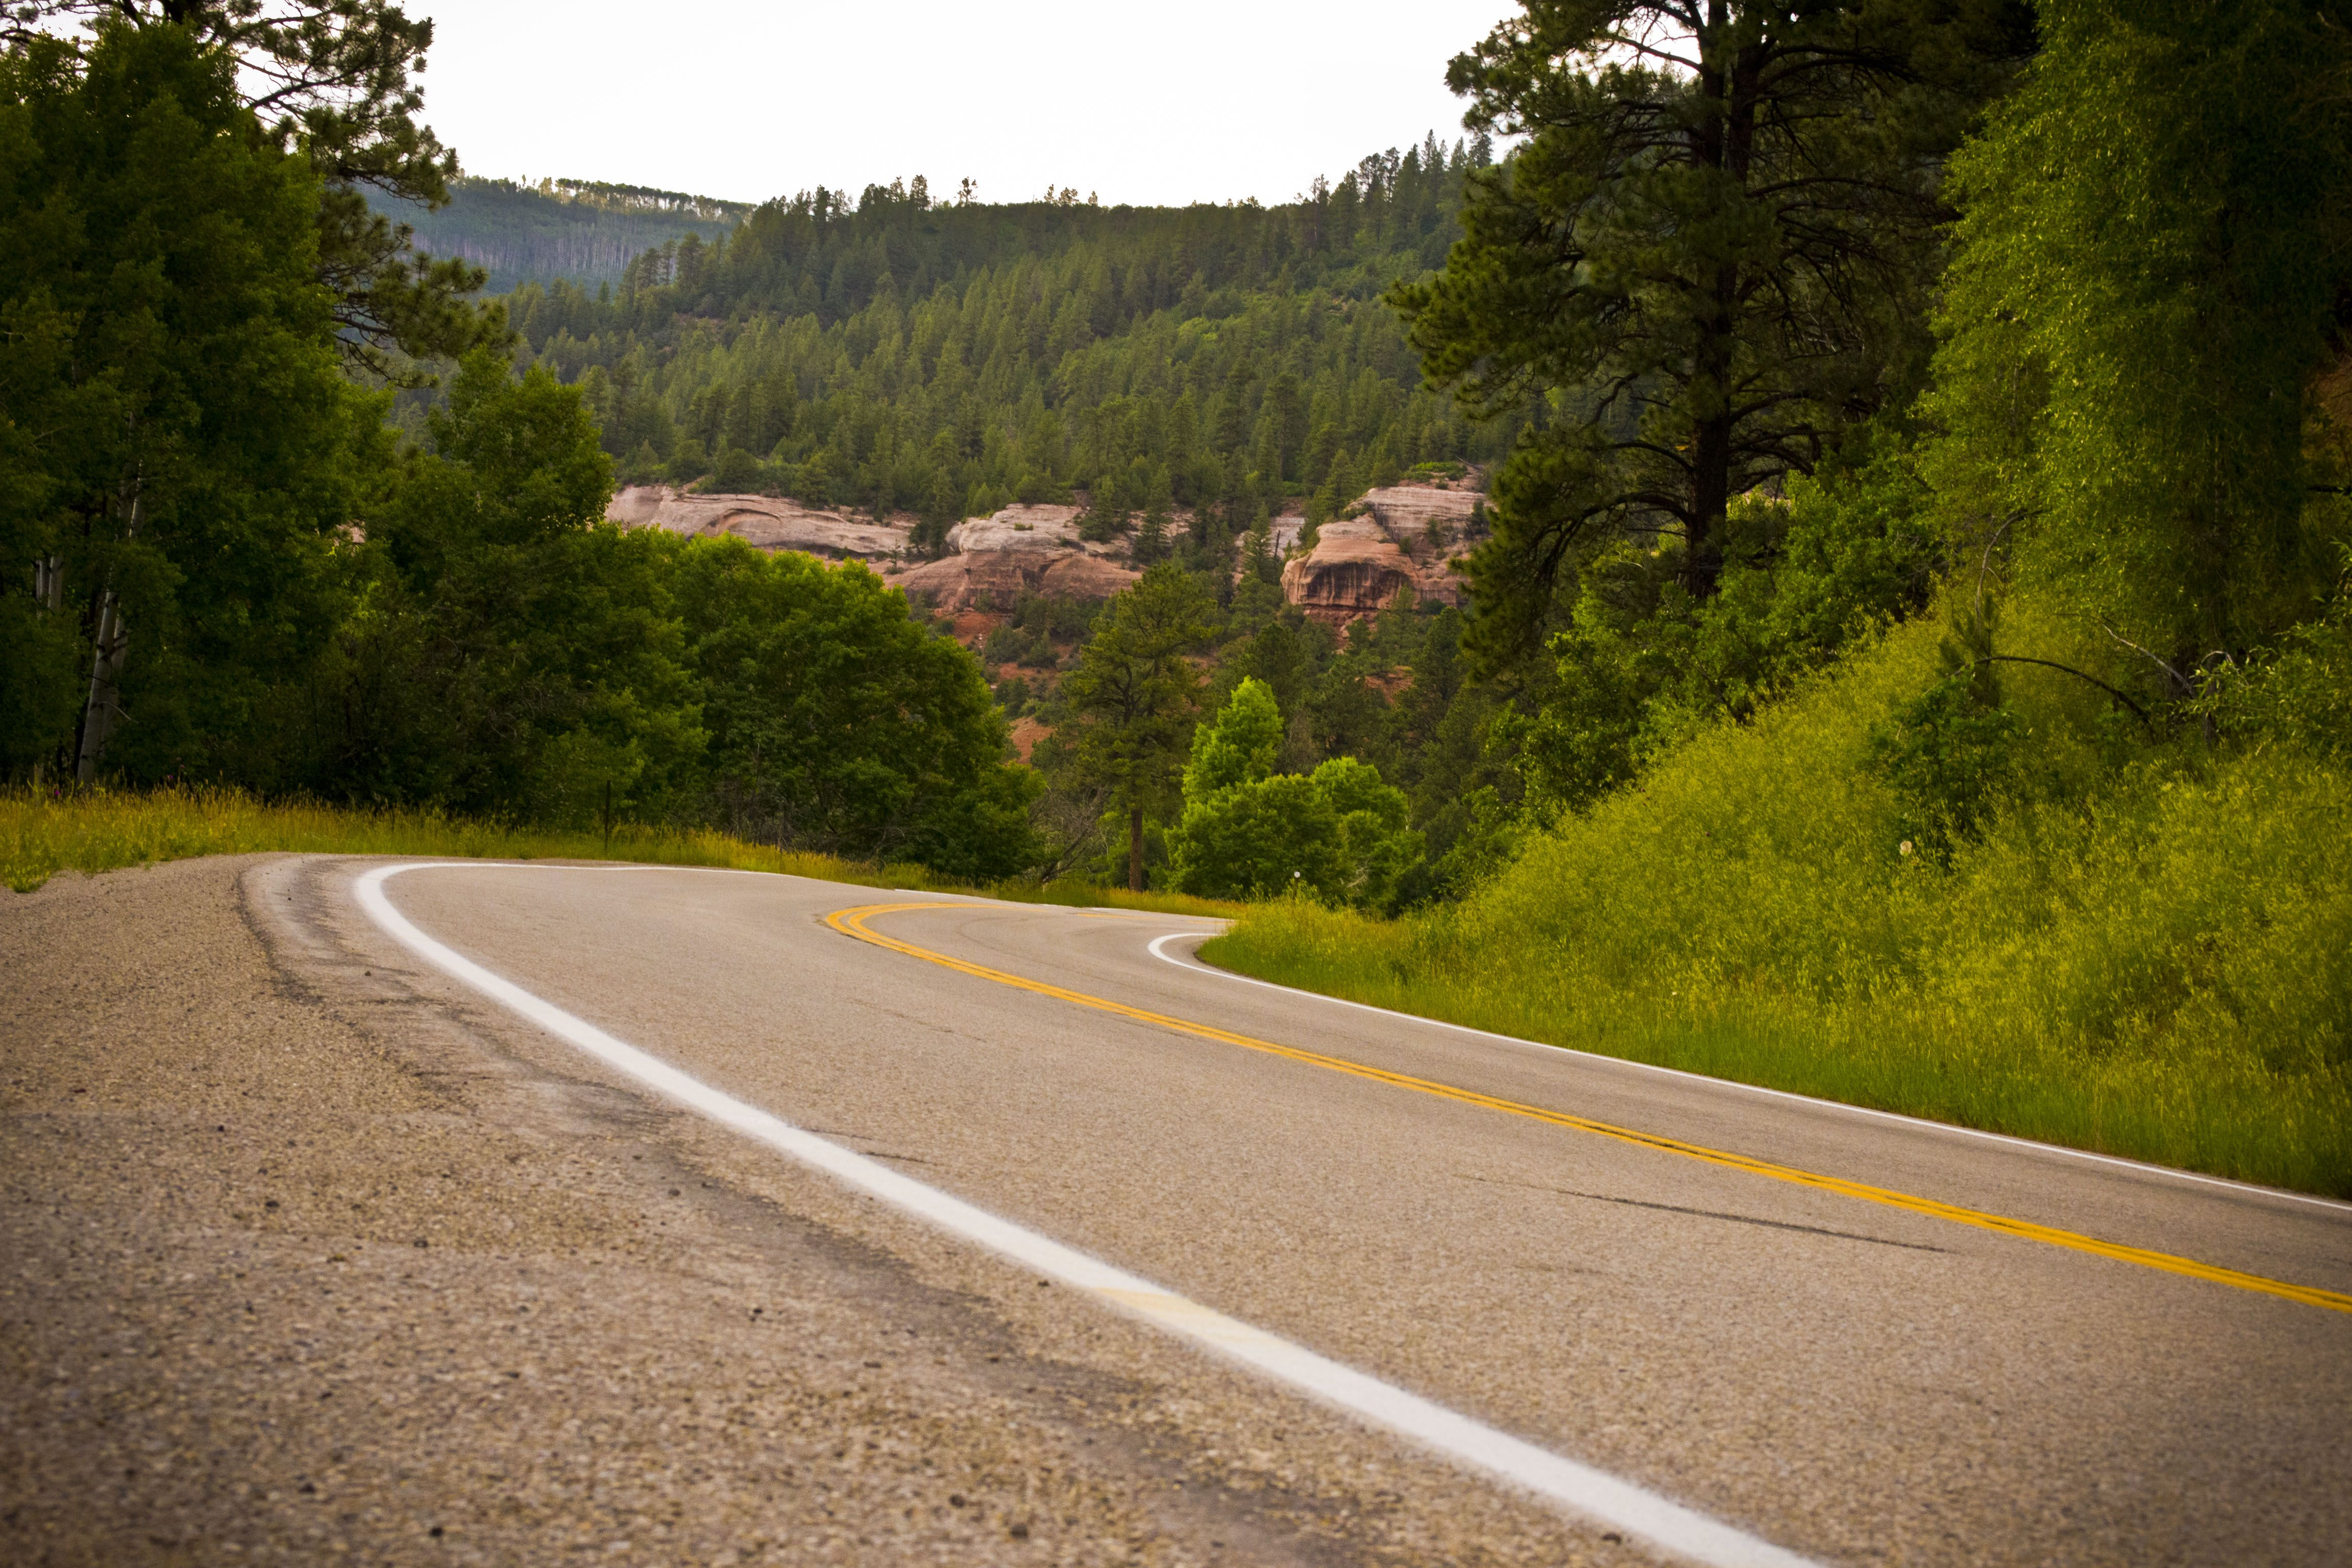 A nice curvy road we took up in Colorado.